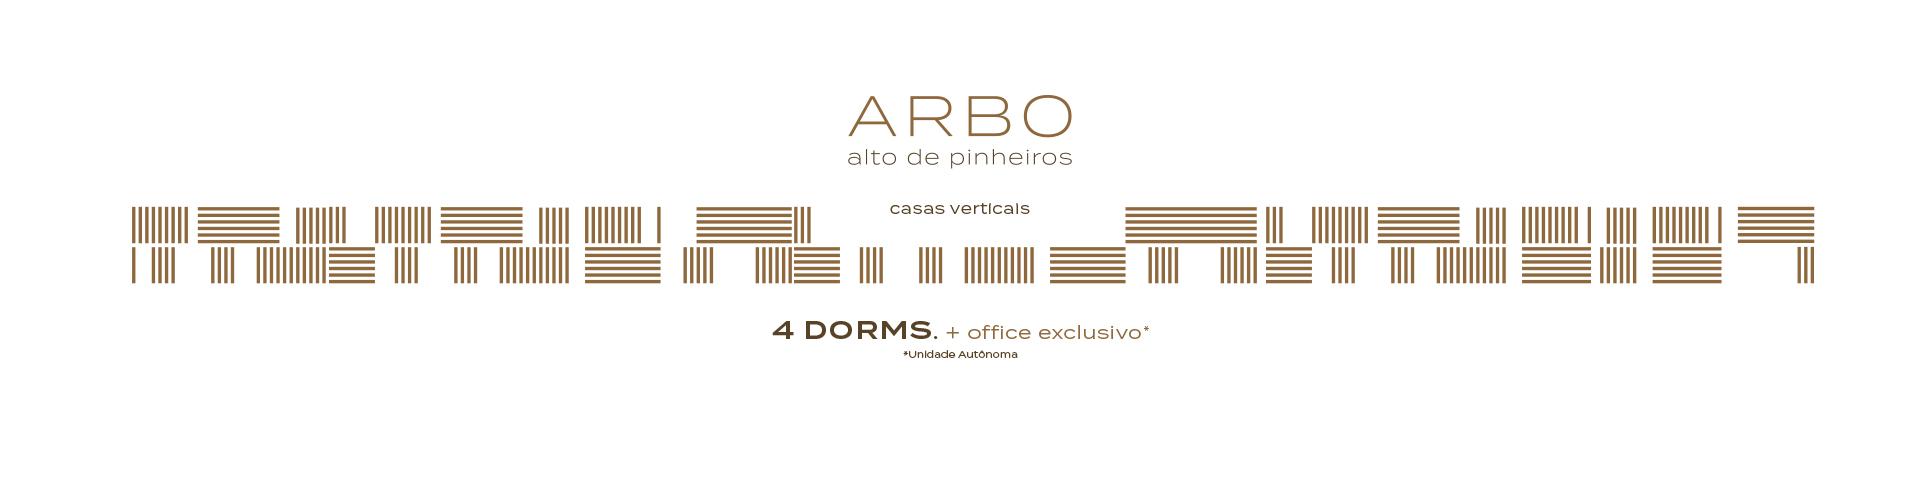 ARBO | Alto de Pinheiros